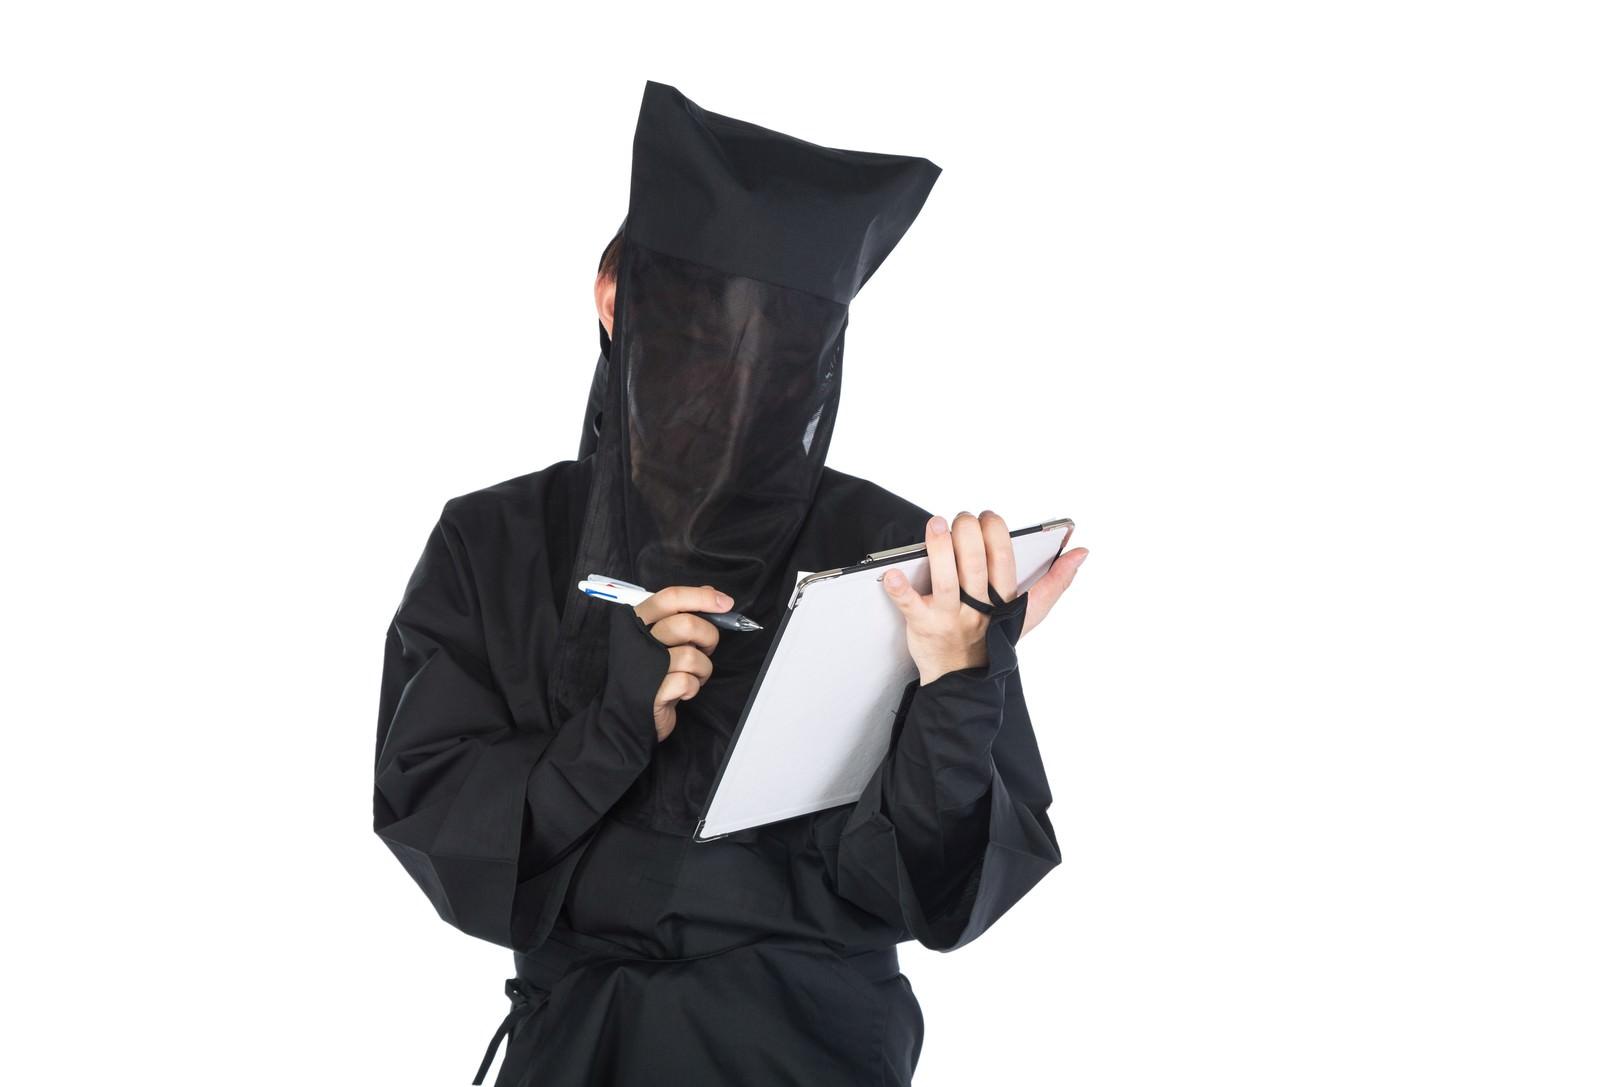 「匿名のチェックシート匿名のチェックシート」[モデル:鈴木秀]のフリー写真素材を拡大